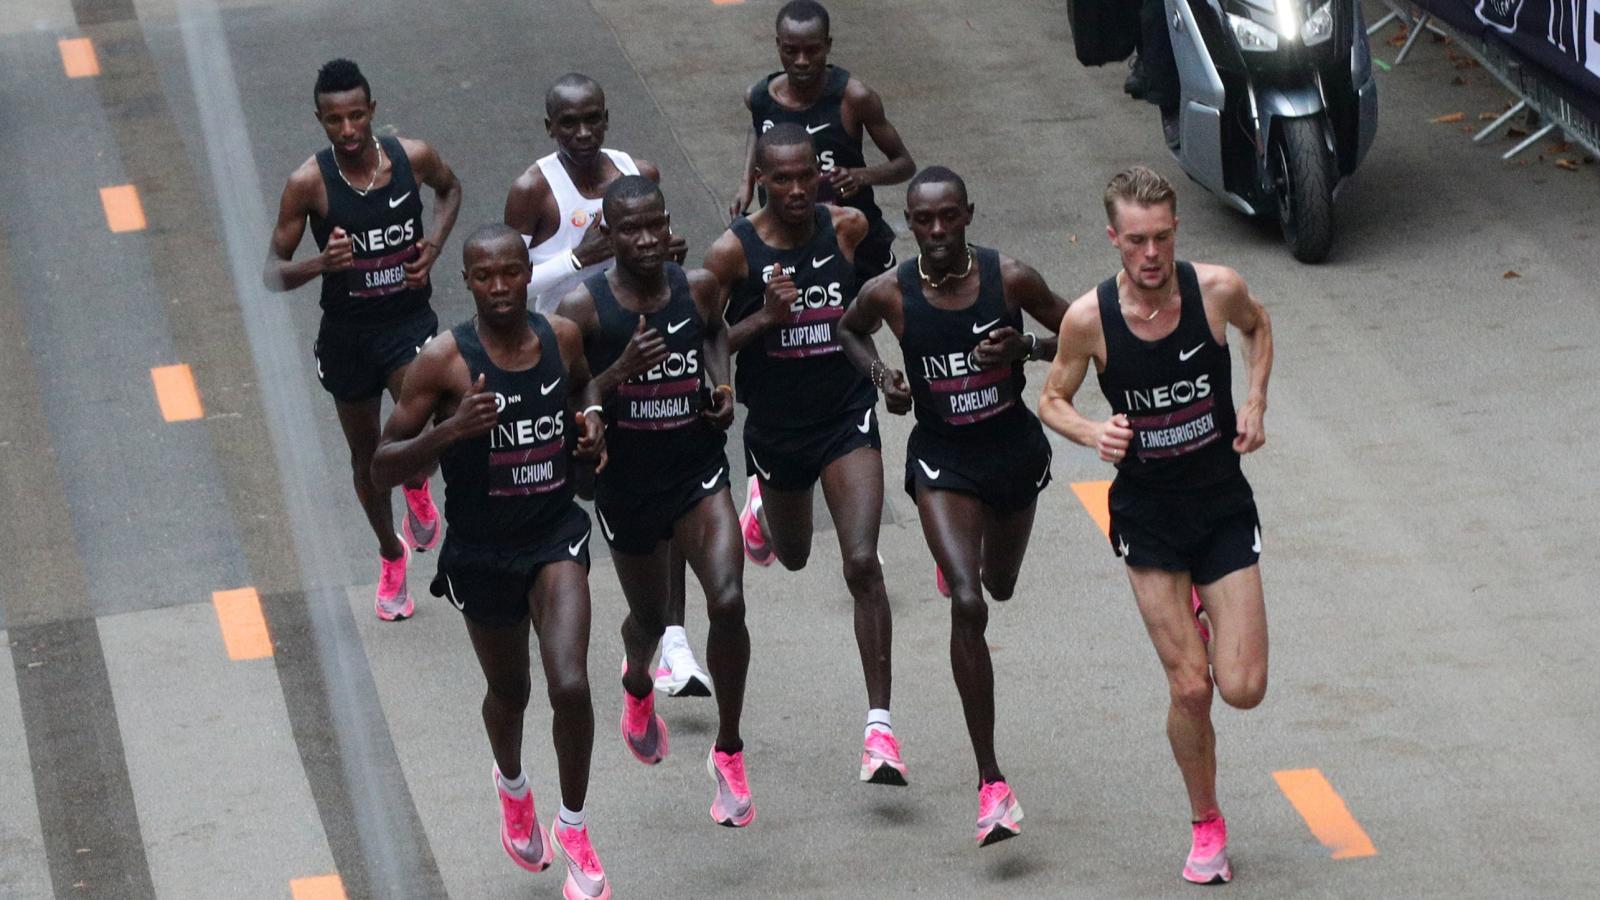 Desain sepatu baru membantu atlet meningkatkan performa mereka.  Foto: Reuters